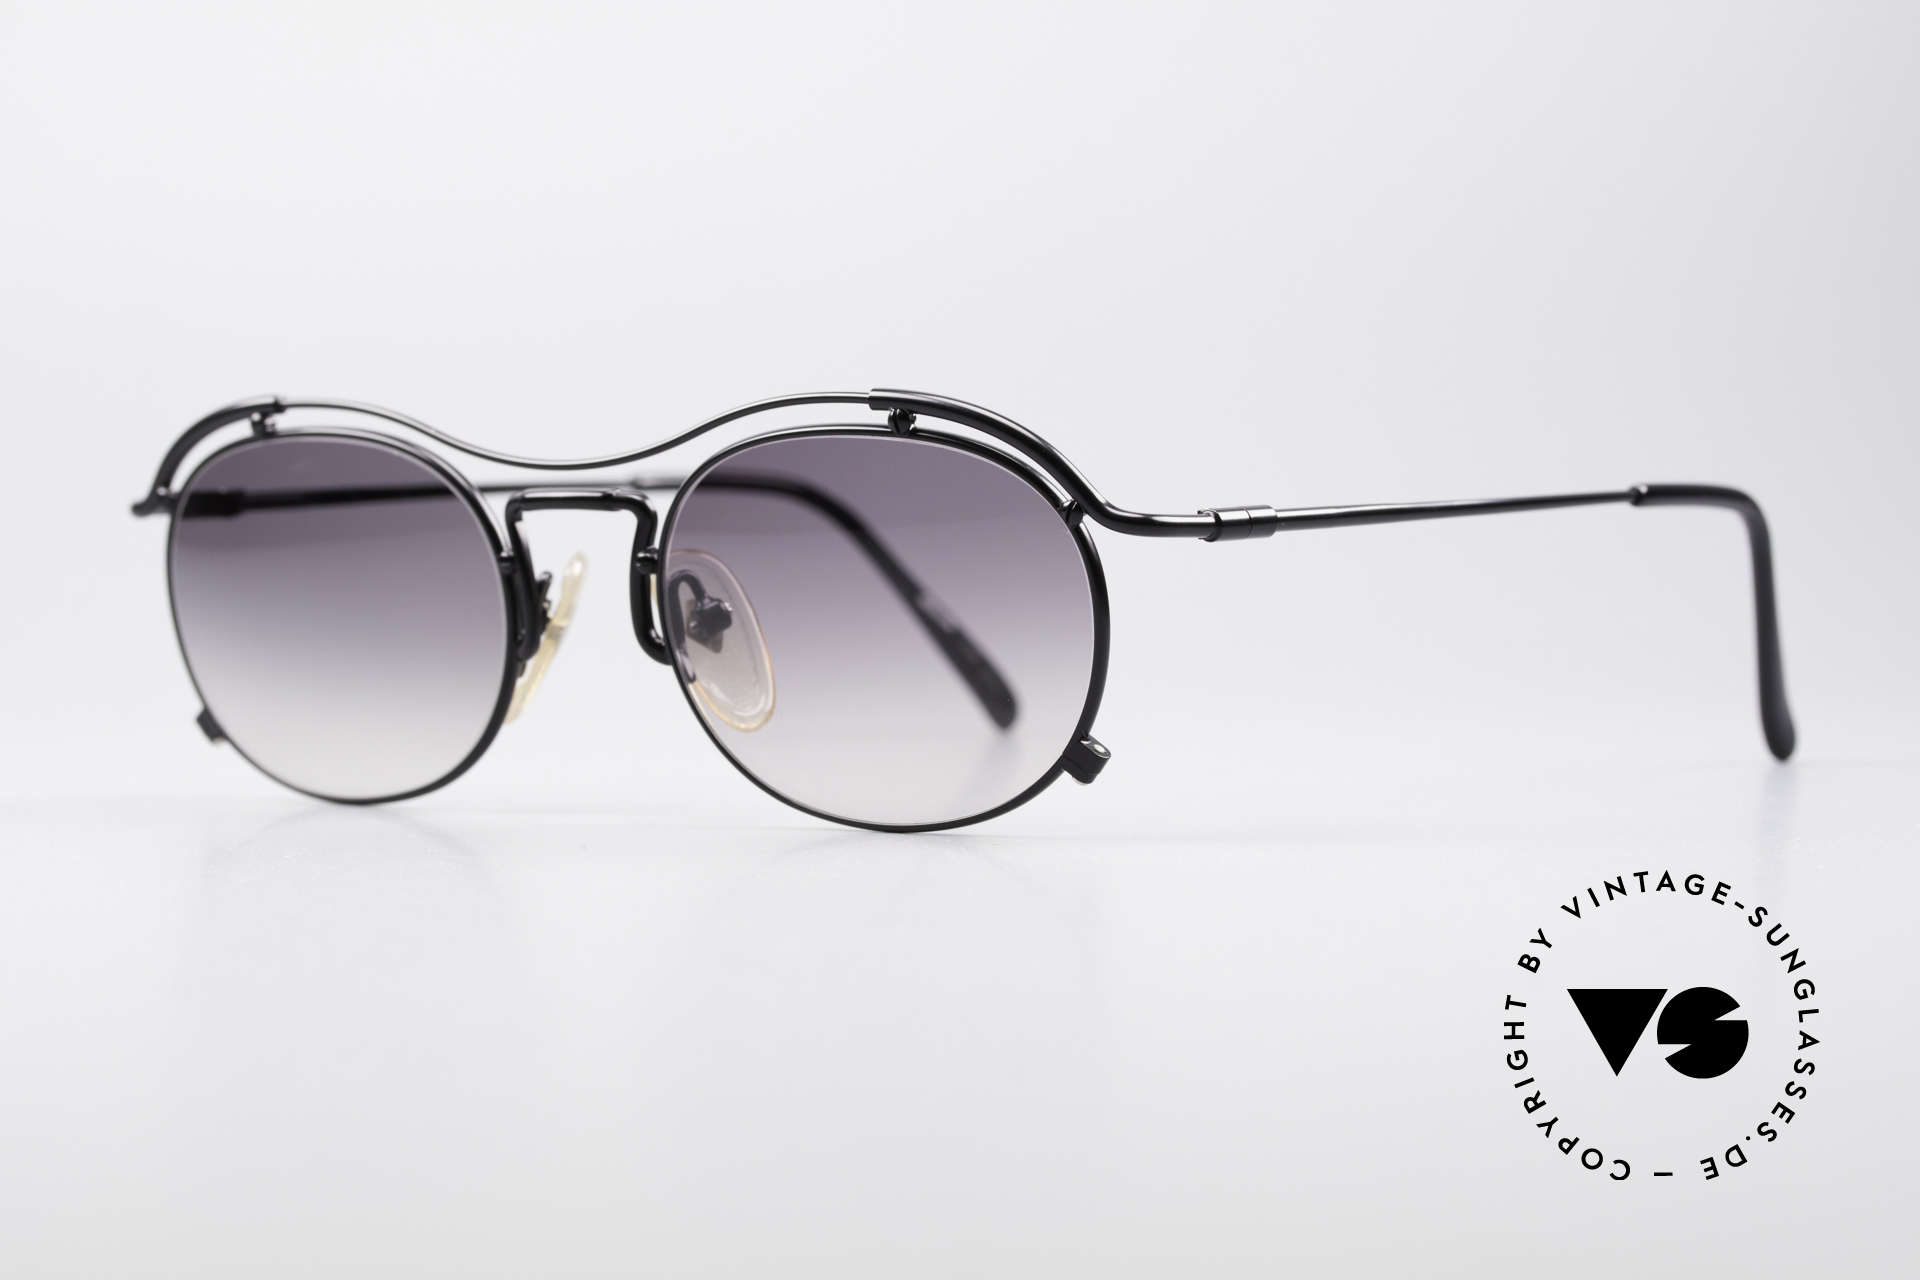 Jean Paul Gaultier 55-2170 Vintage JPG Sonnenbrille, schwarze Lackierung u. grau-Verlauf Sonnengläser, Passend für Herren und Damen